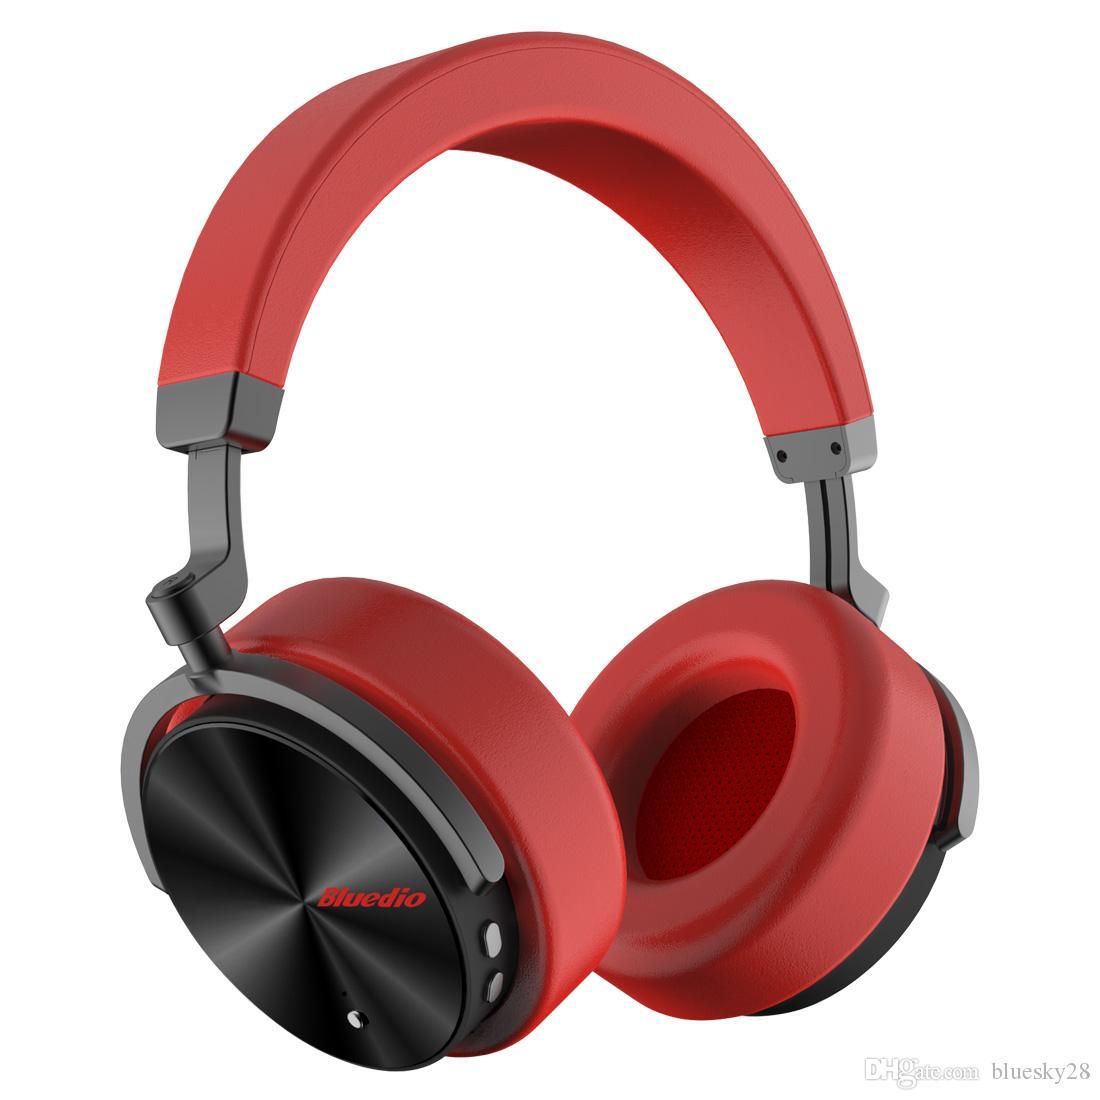 최신 Bluedio T5 액티브 소음 취소 무선 블루투스 헤드폰 휴대용 헤드셋 마이크 전화 및 음악